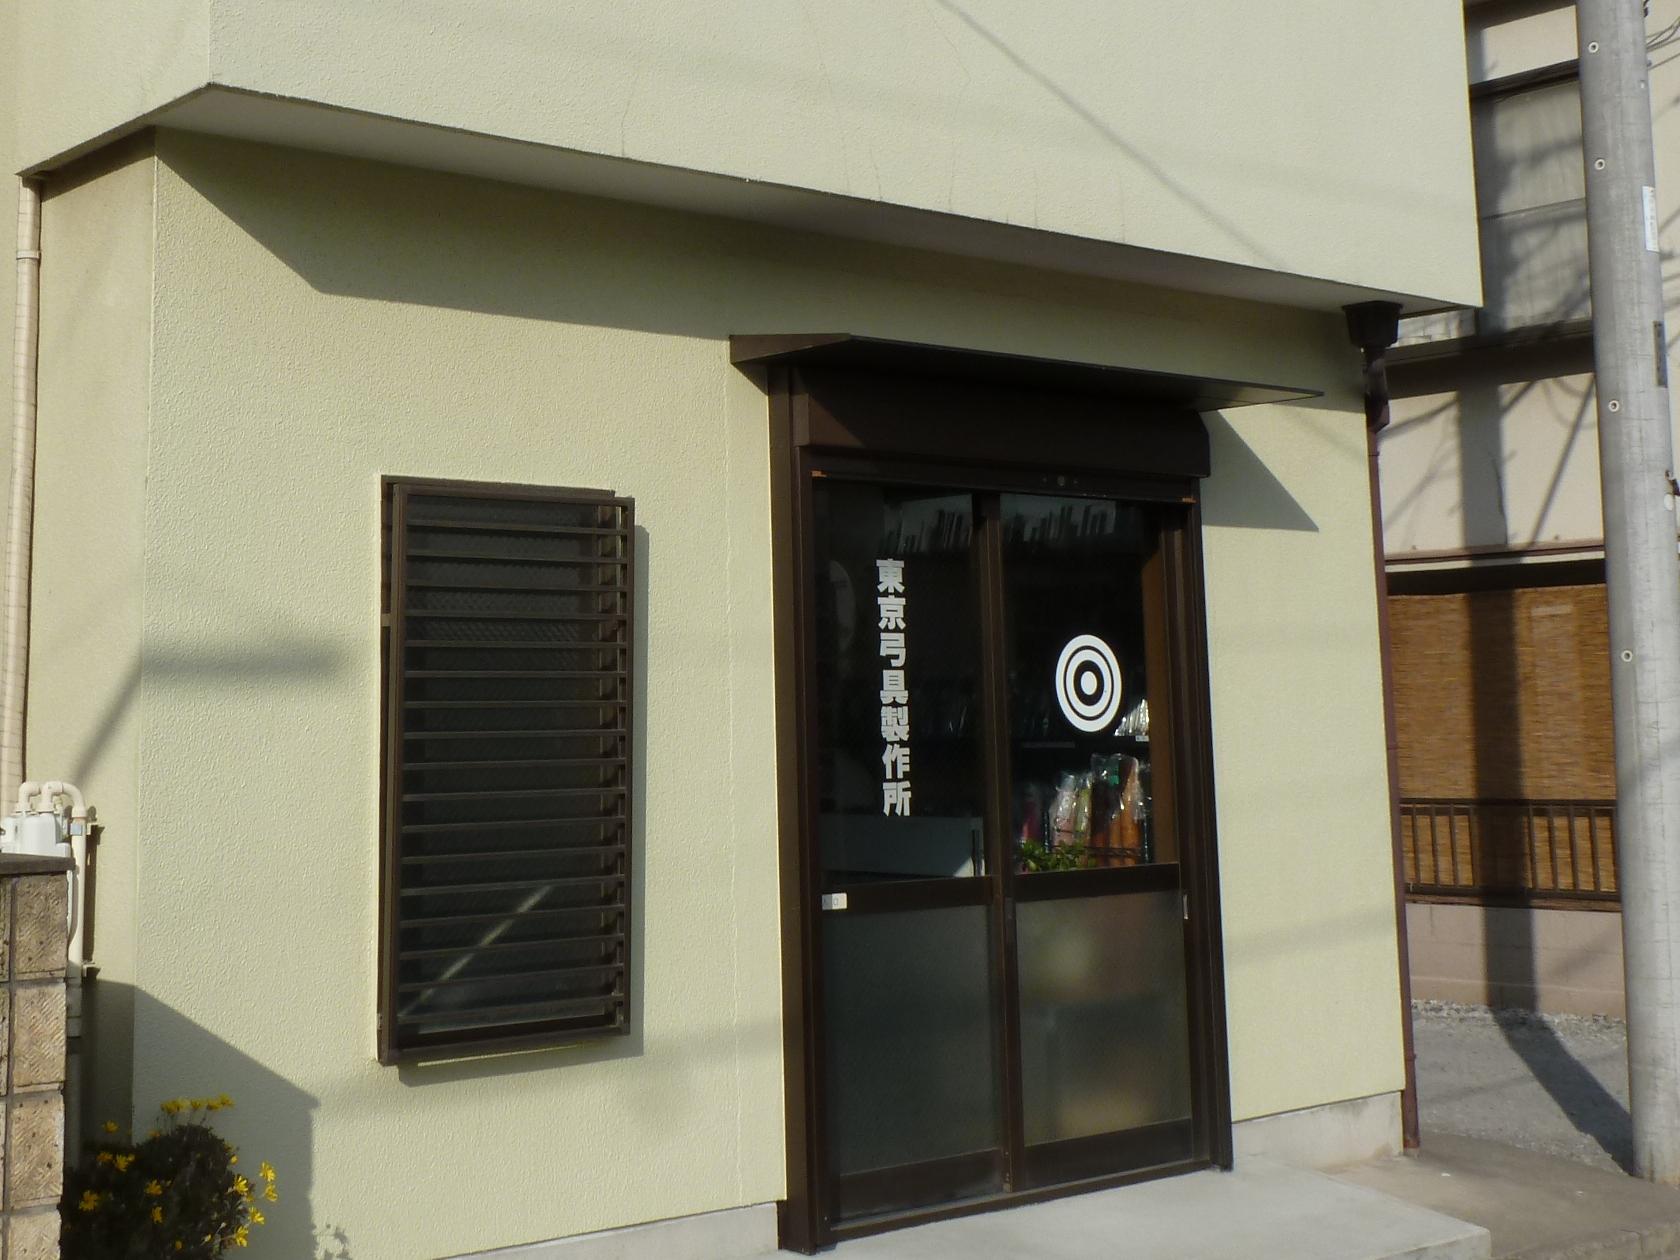 東京弓具製作所 さいたま店